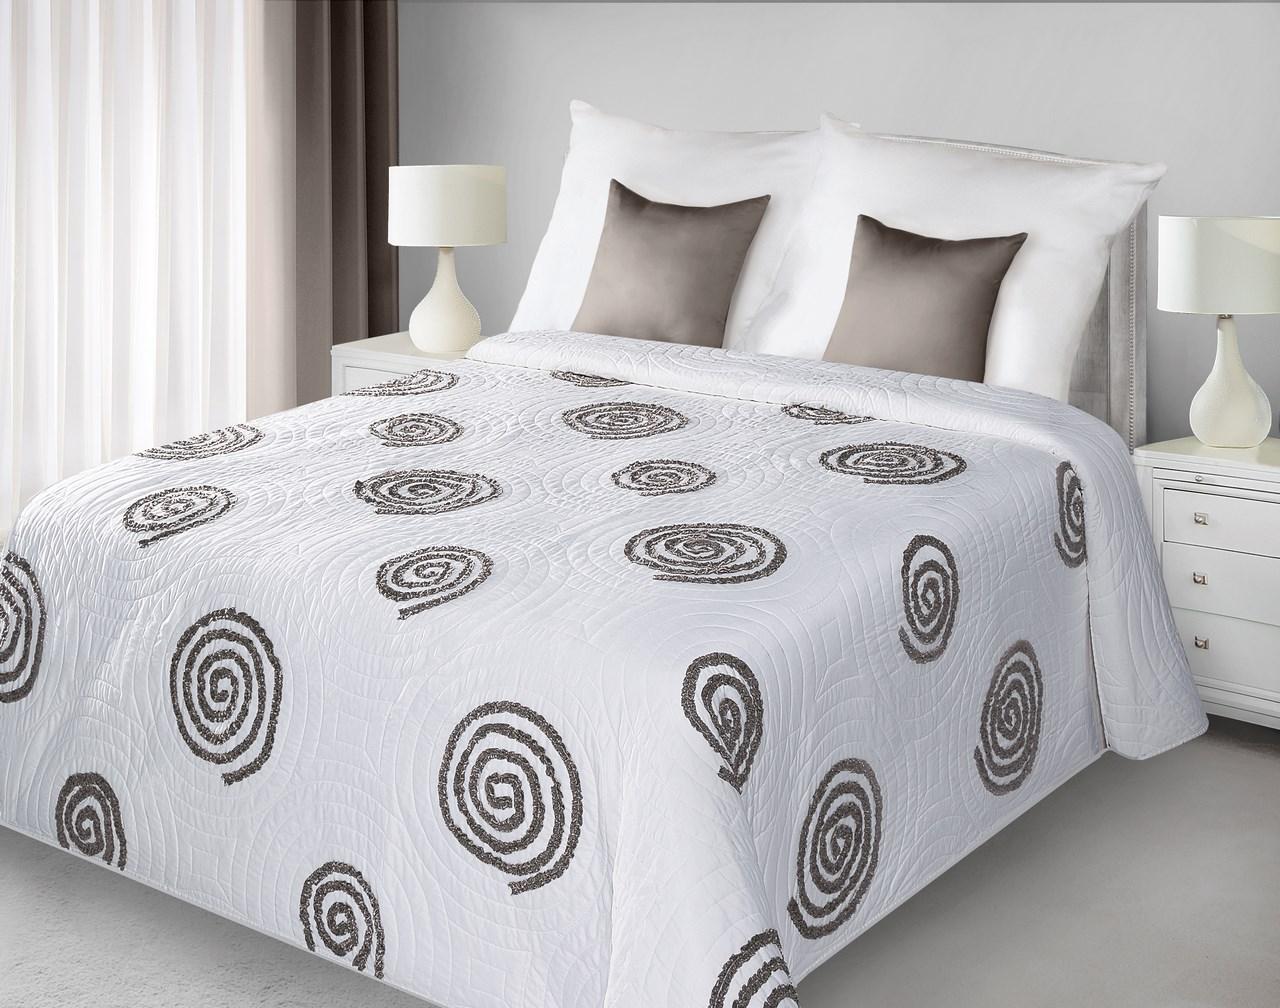 Prehoz na posteľ 240x220 cm - Eurofirany - Opi (biela + hnedá). Akcia -33%. Sme autorizovaný predajca Eurofirany. Vlastná spoľahlivá doprava až k Vám domov.